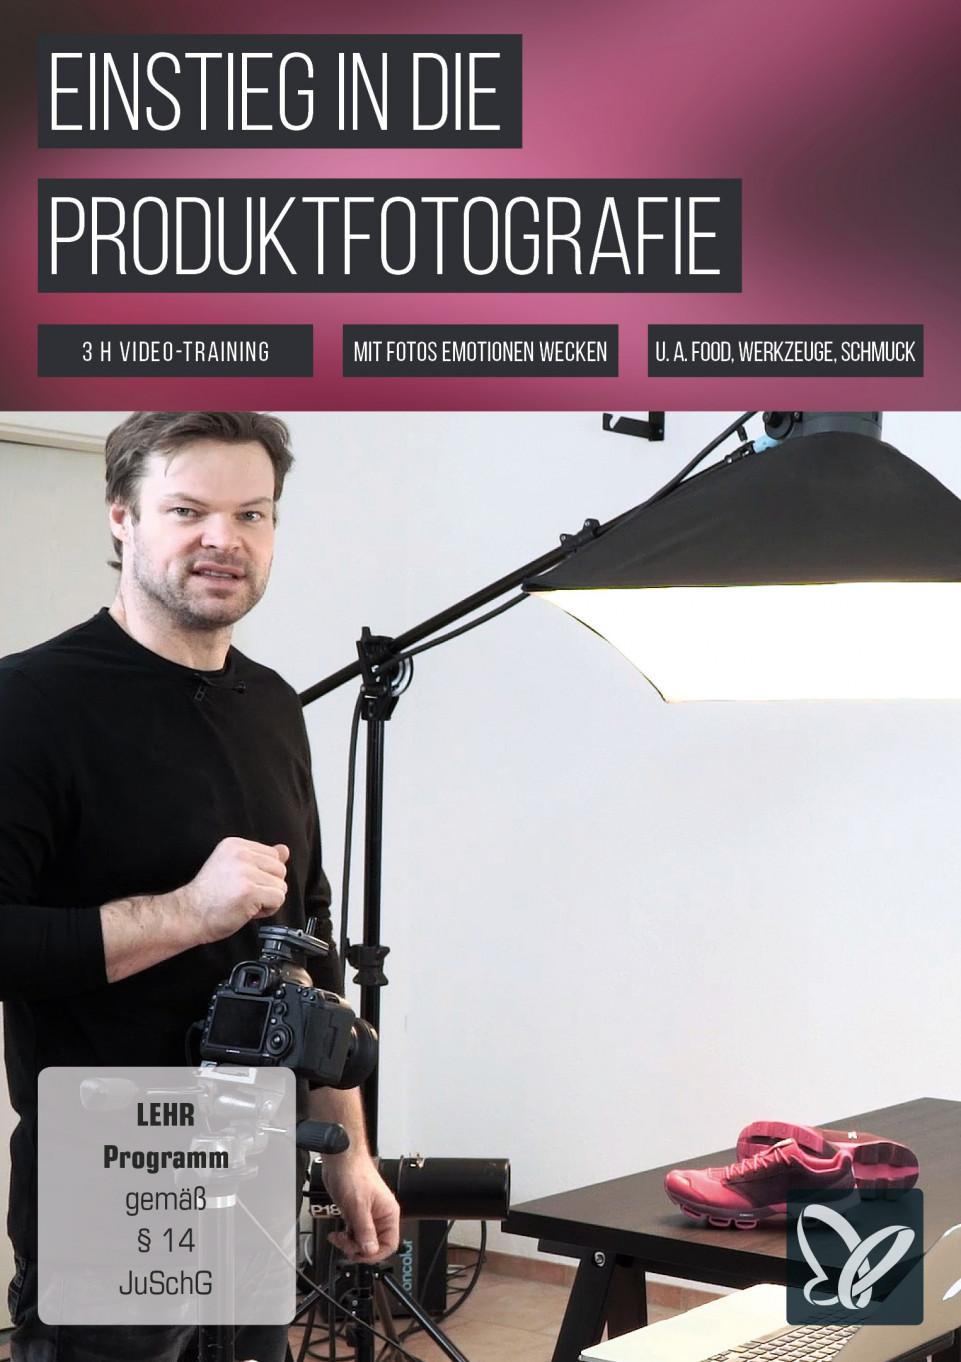 Professionelle Produktfotografie: Einstieg & Tipps zum Erstellen hochwertiger Produktbilder